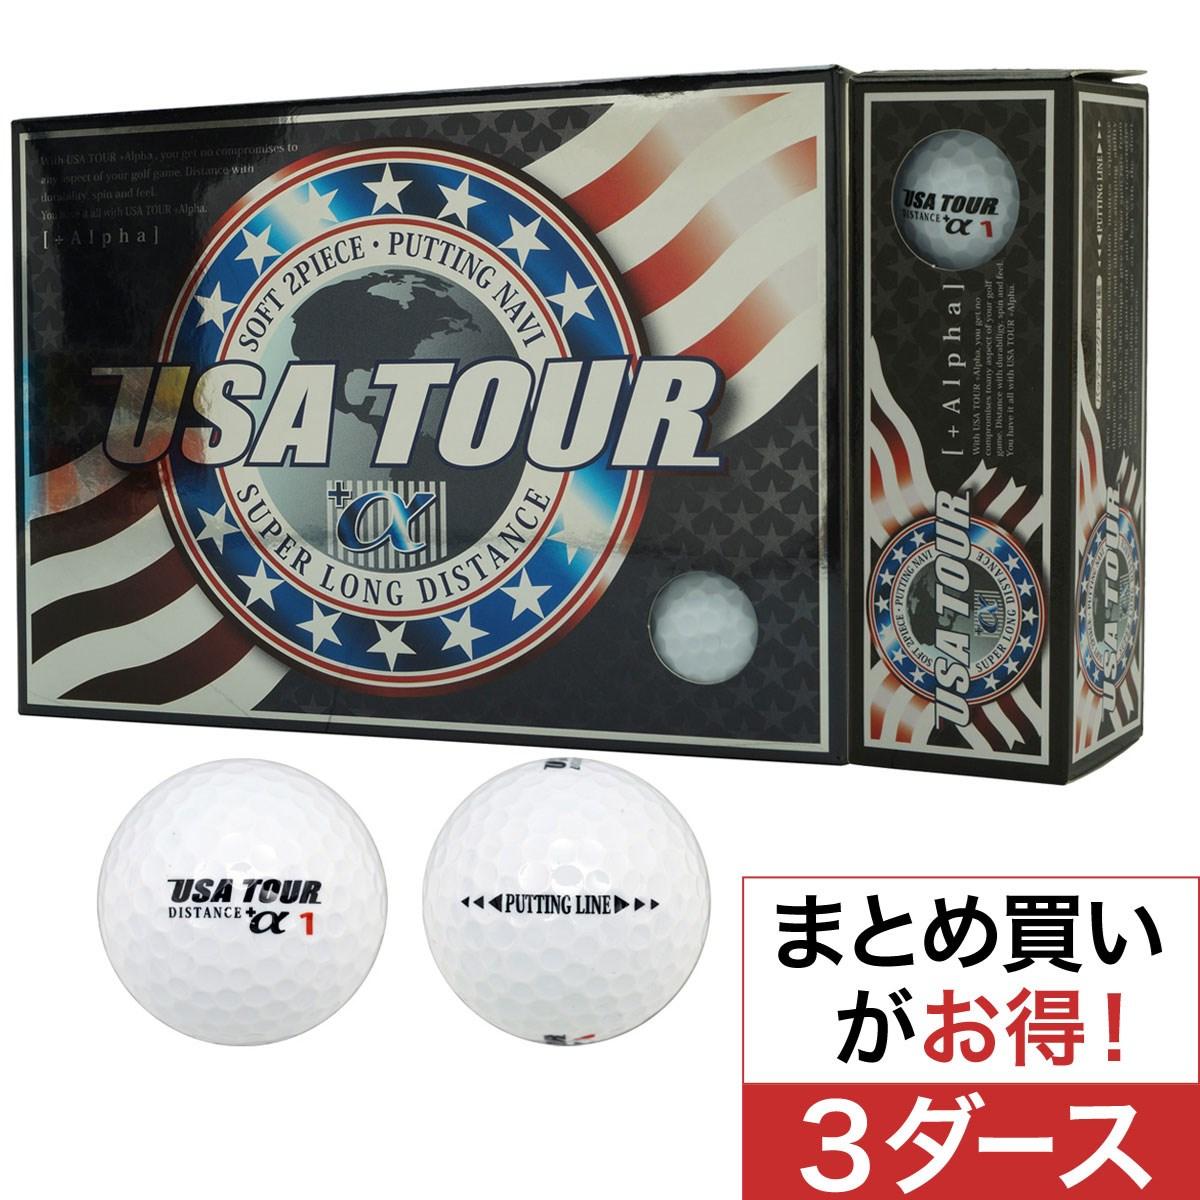 朝日ゴルフ用品(ASAHI GOLF CO.,LTD) USA ツアーディスタンス+α カラーボール 3ダースセット